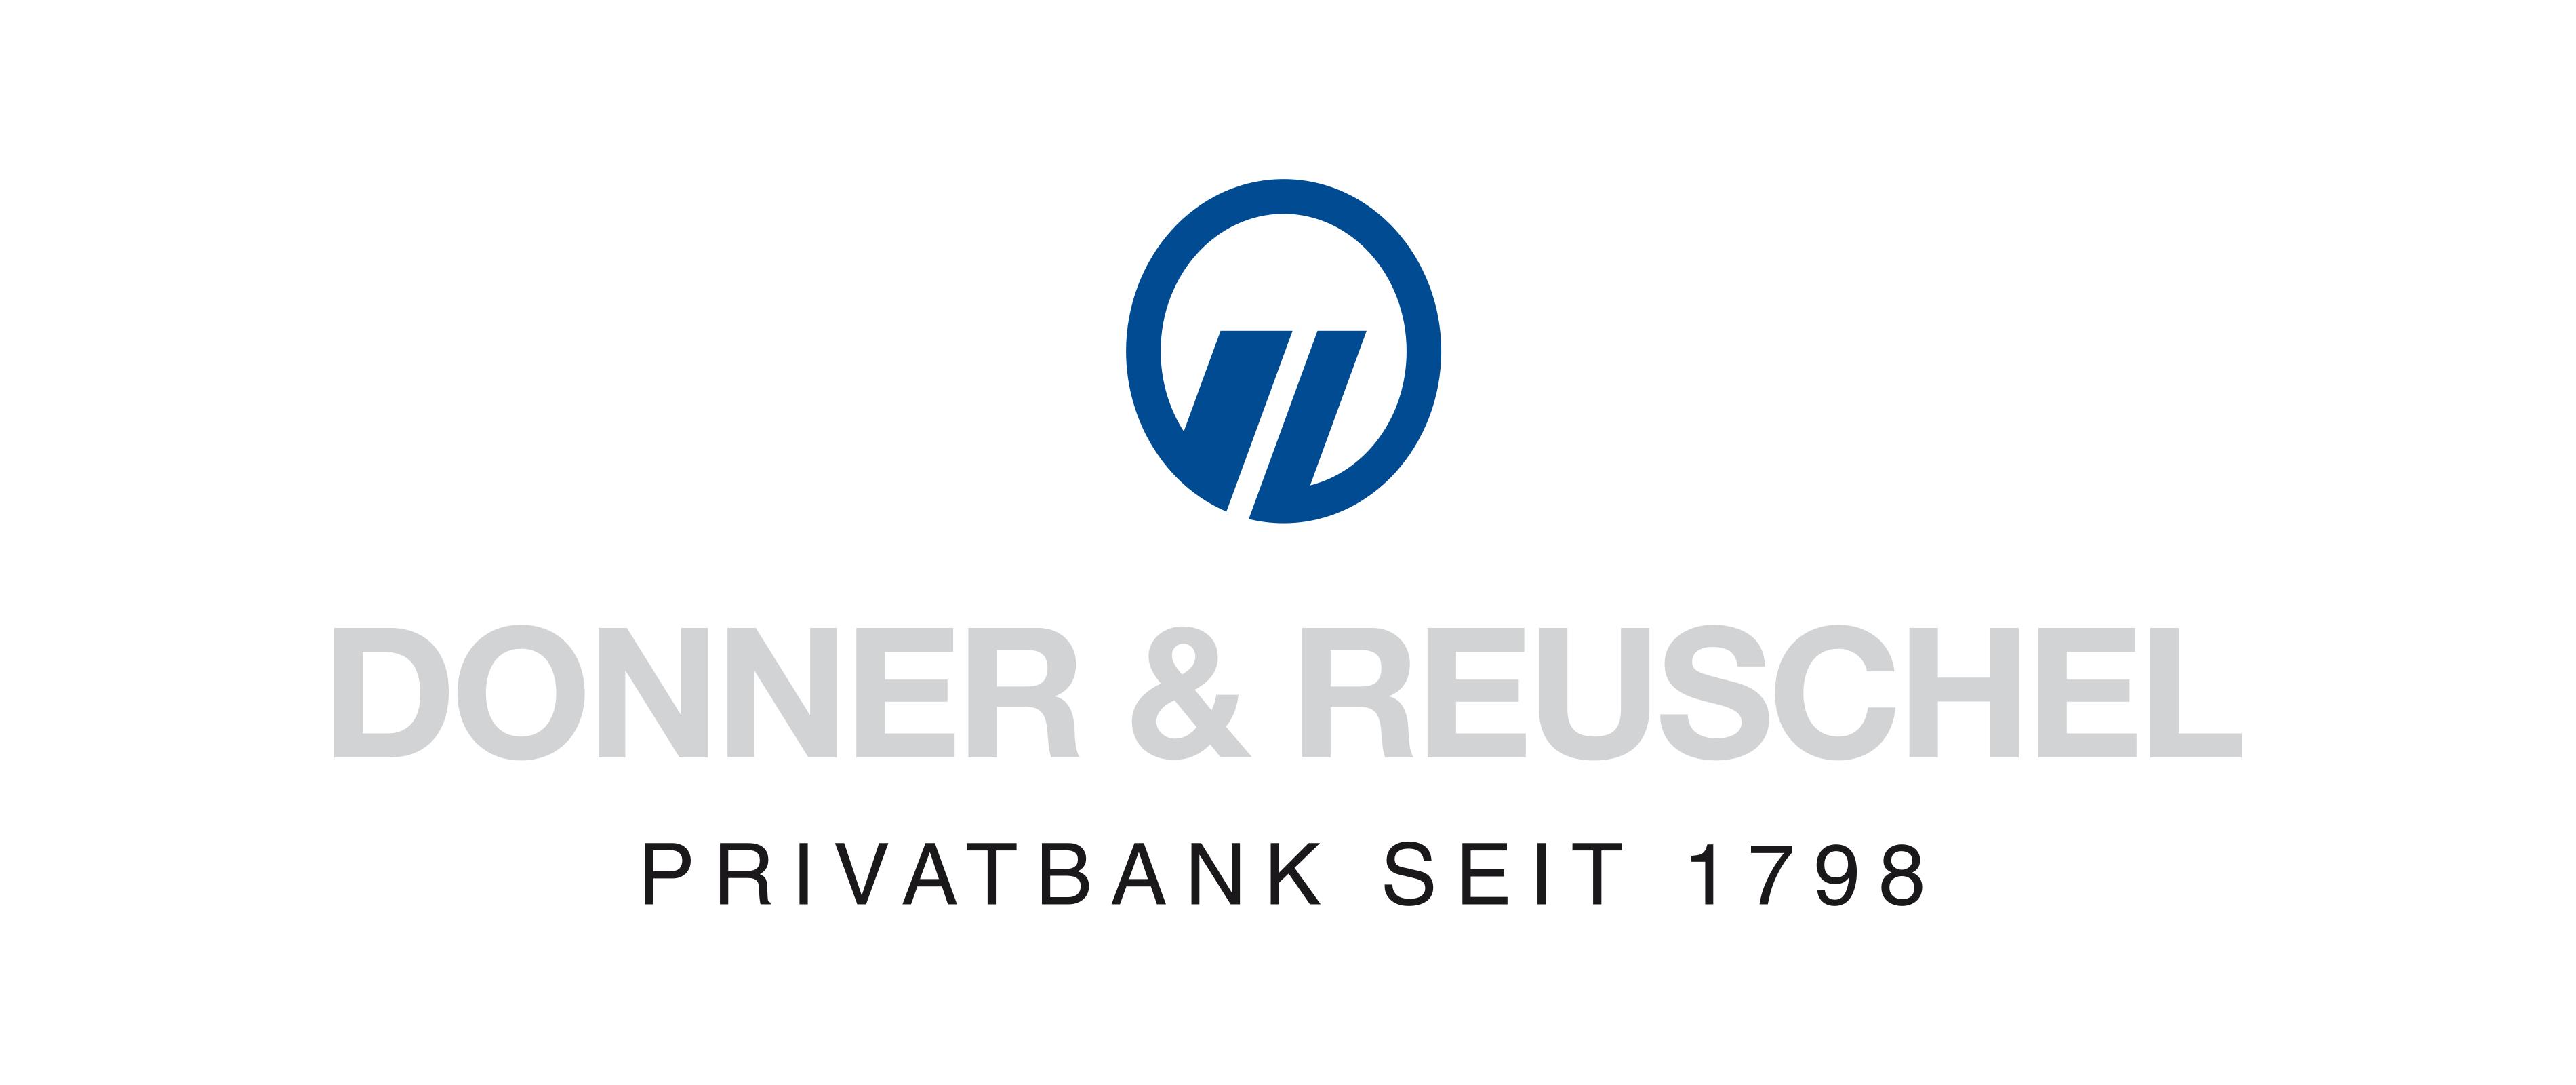 Donner & Reuschel Logo